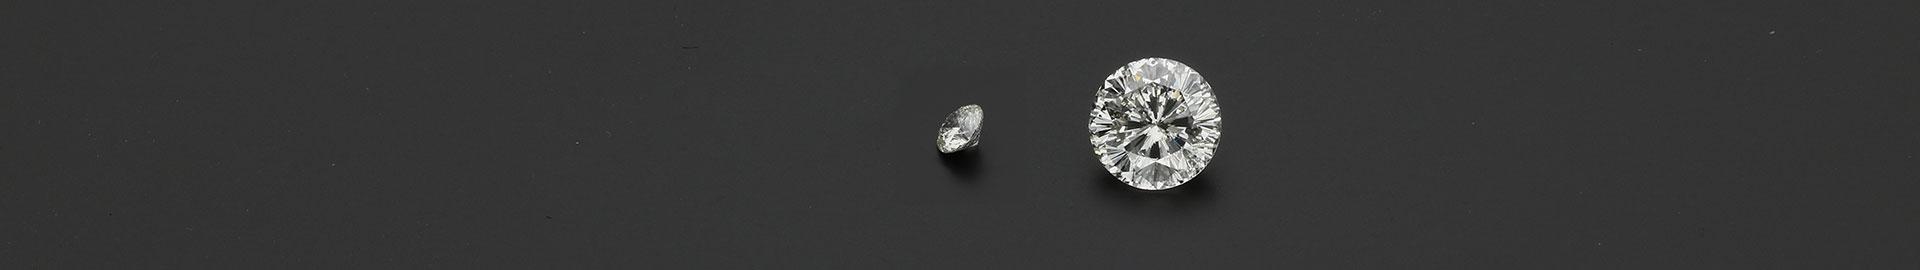 Star of Amsterdam diamant   Uniek, prachtig & speciaal Zazare Diamonds